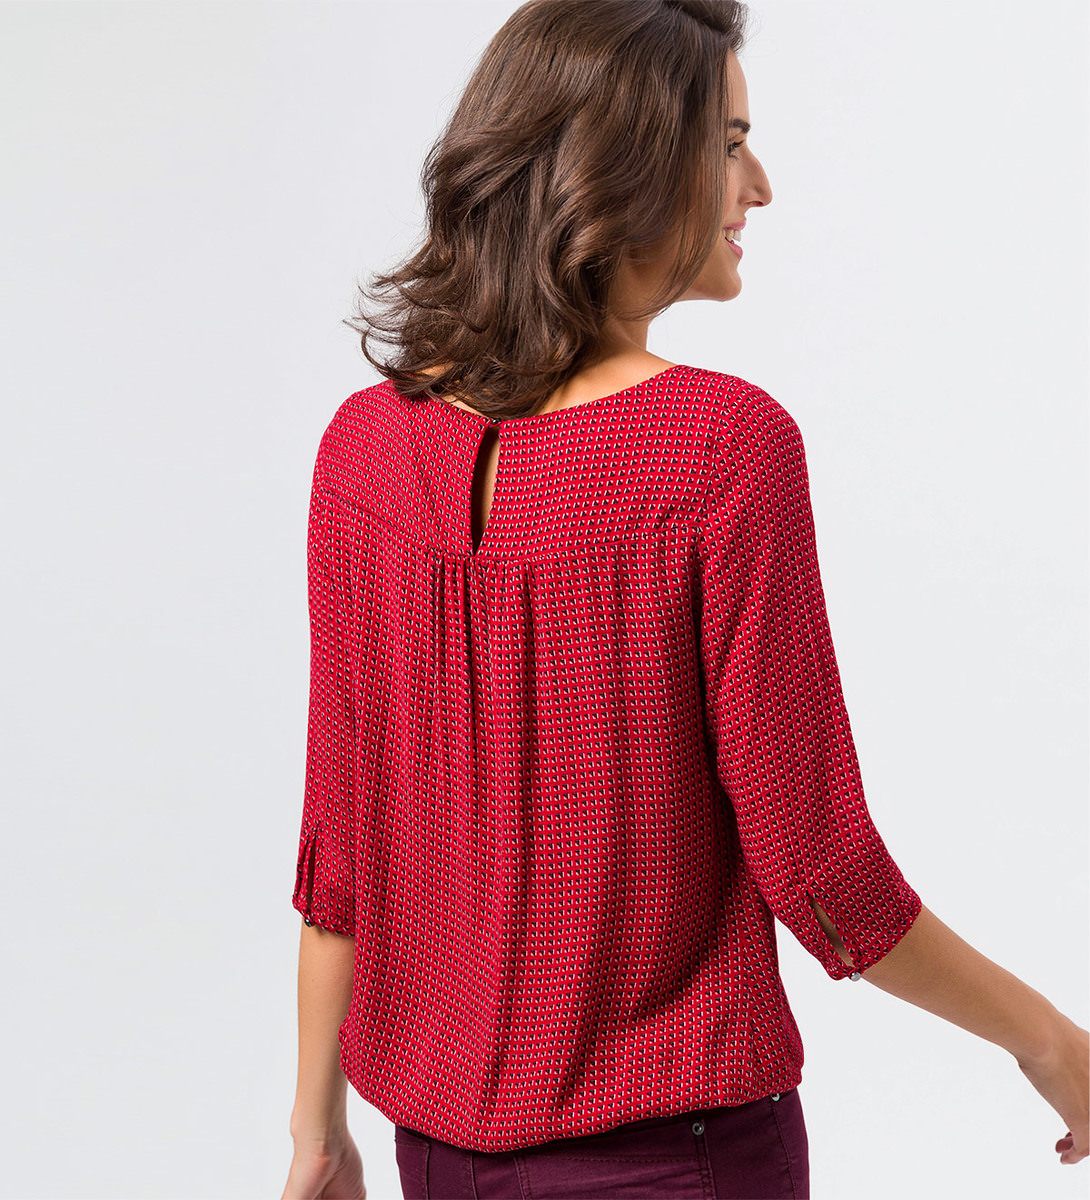 Bluse mit grafischem Alloverprint in tango red